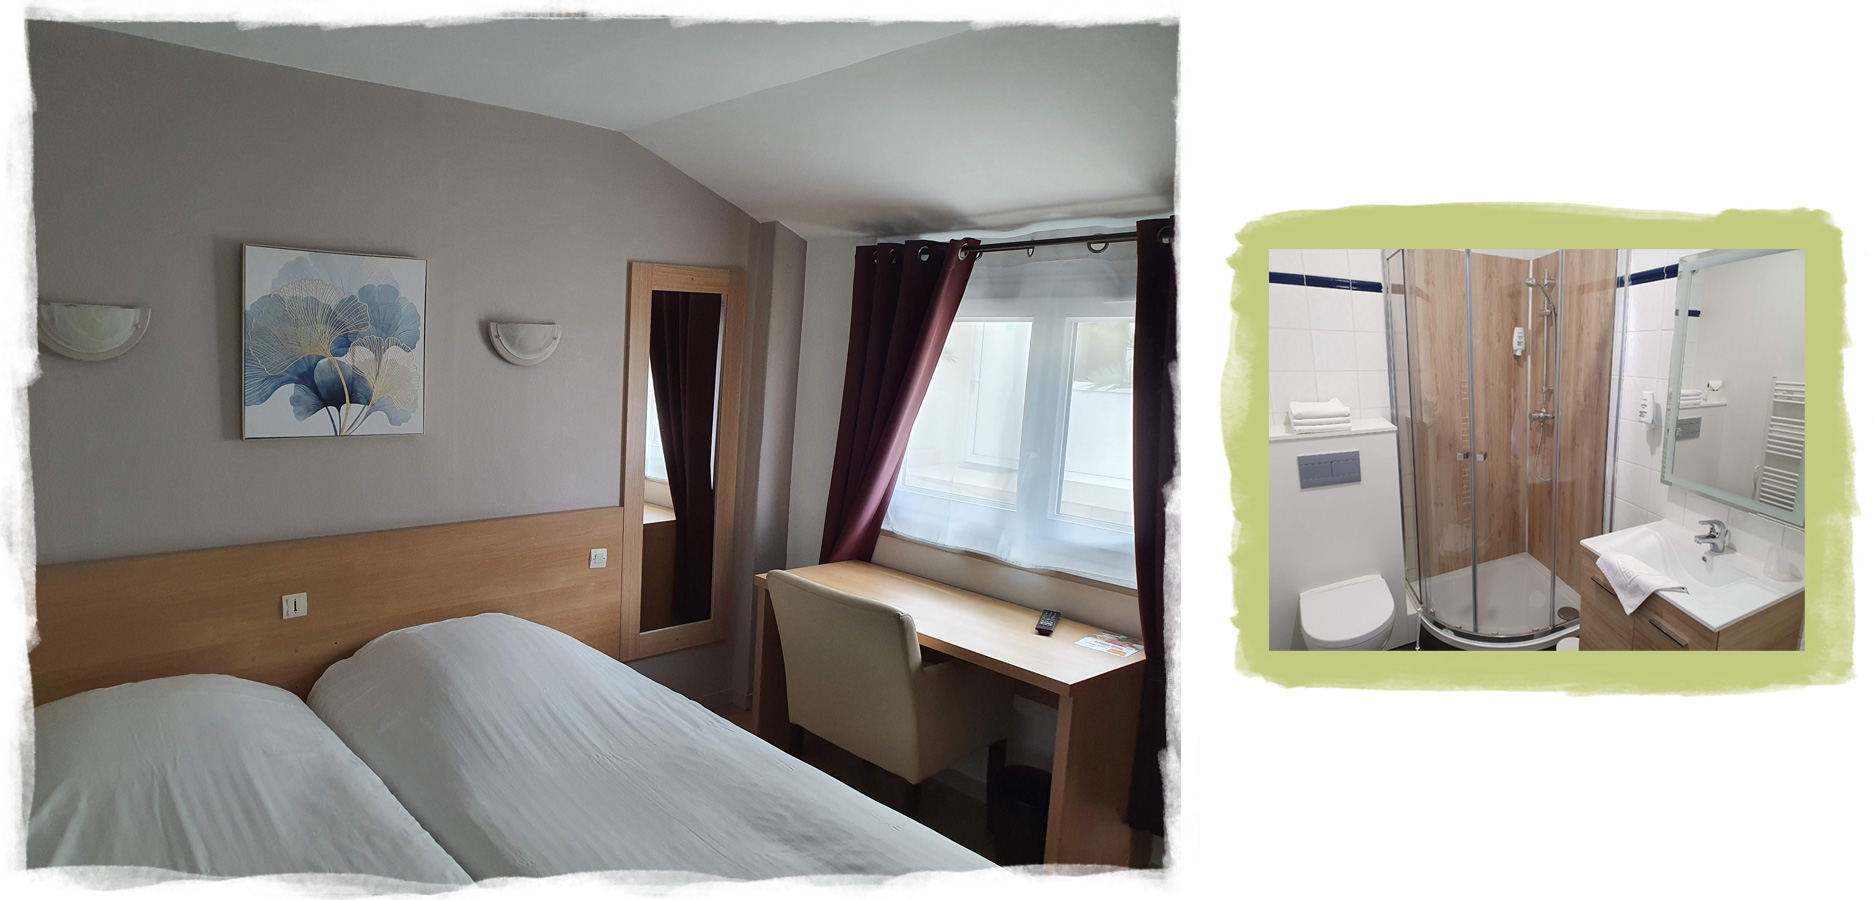 Chambre avec bureau et salle de bain avec une douche